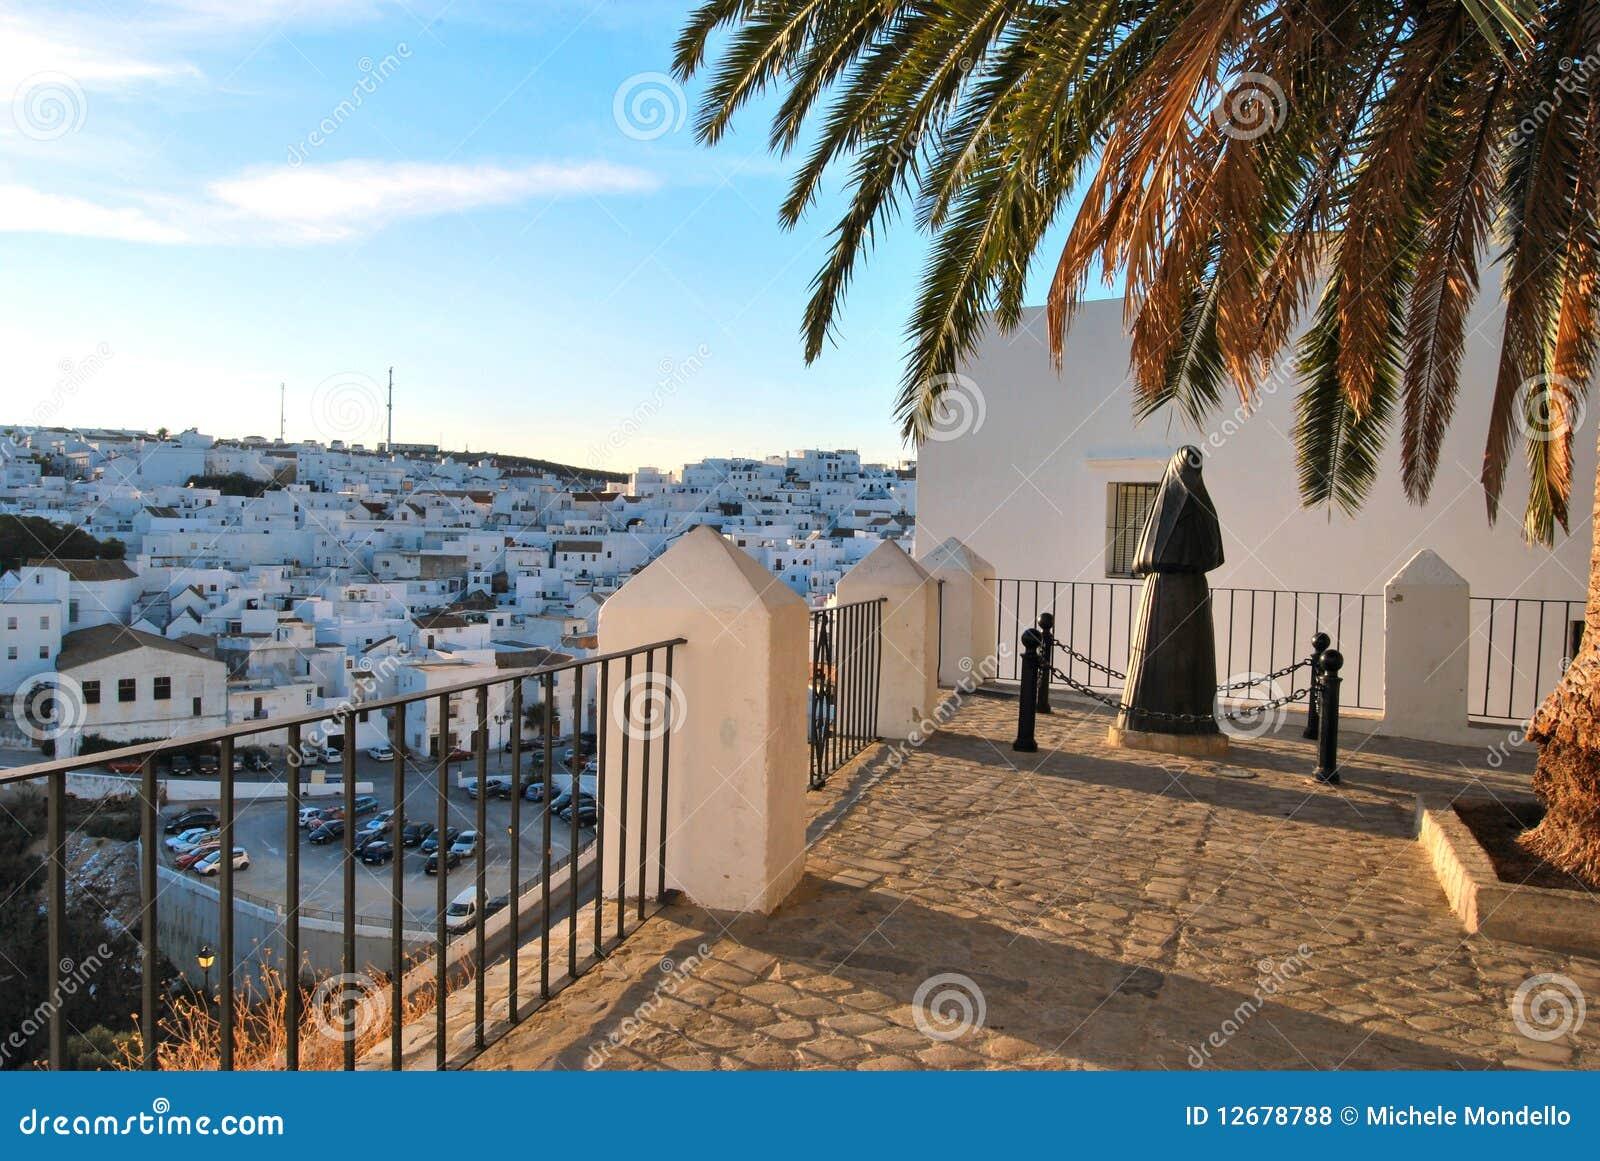 Vejer De La Frontera, Spain Royalty Free Stock Photos - Image: 12678788